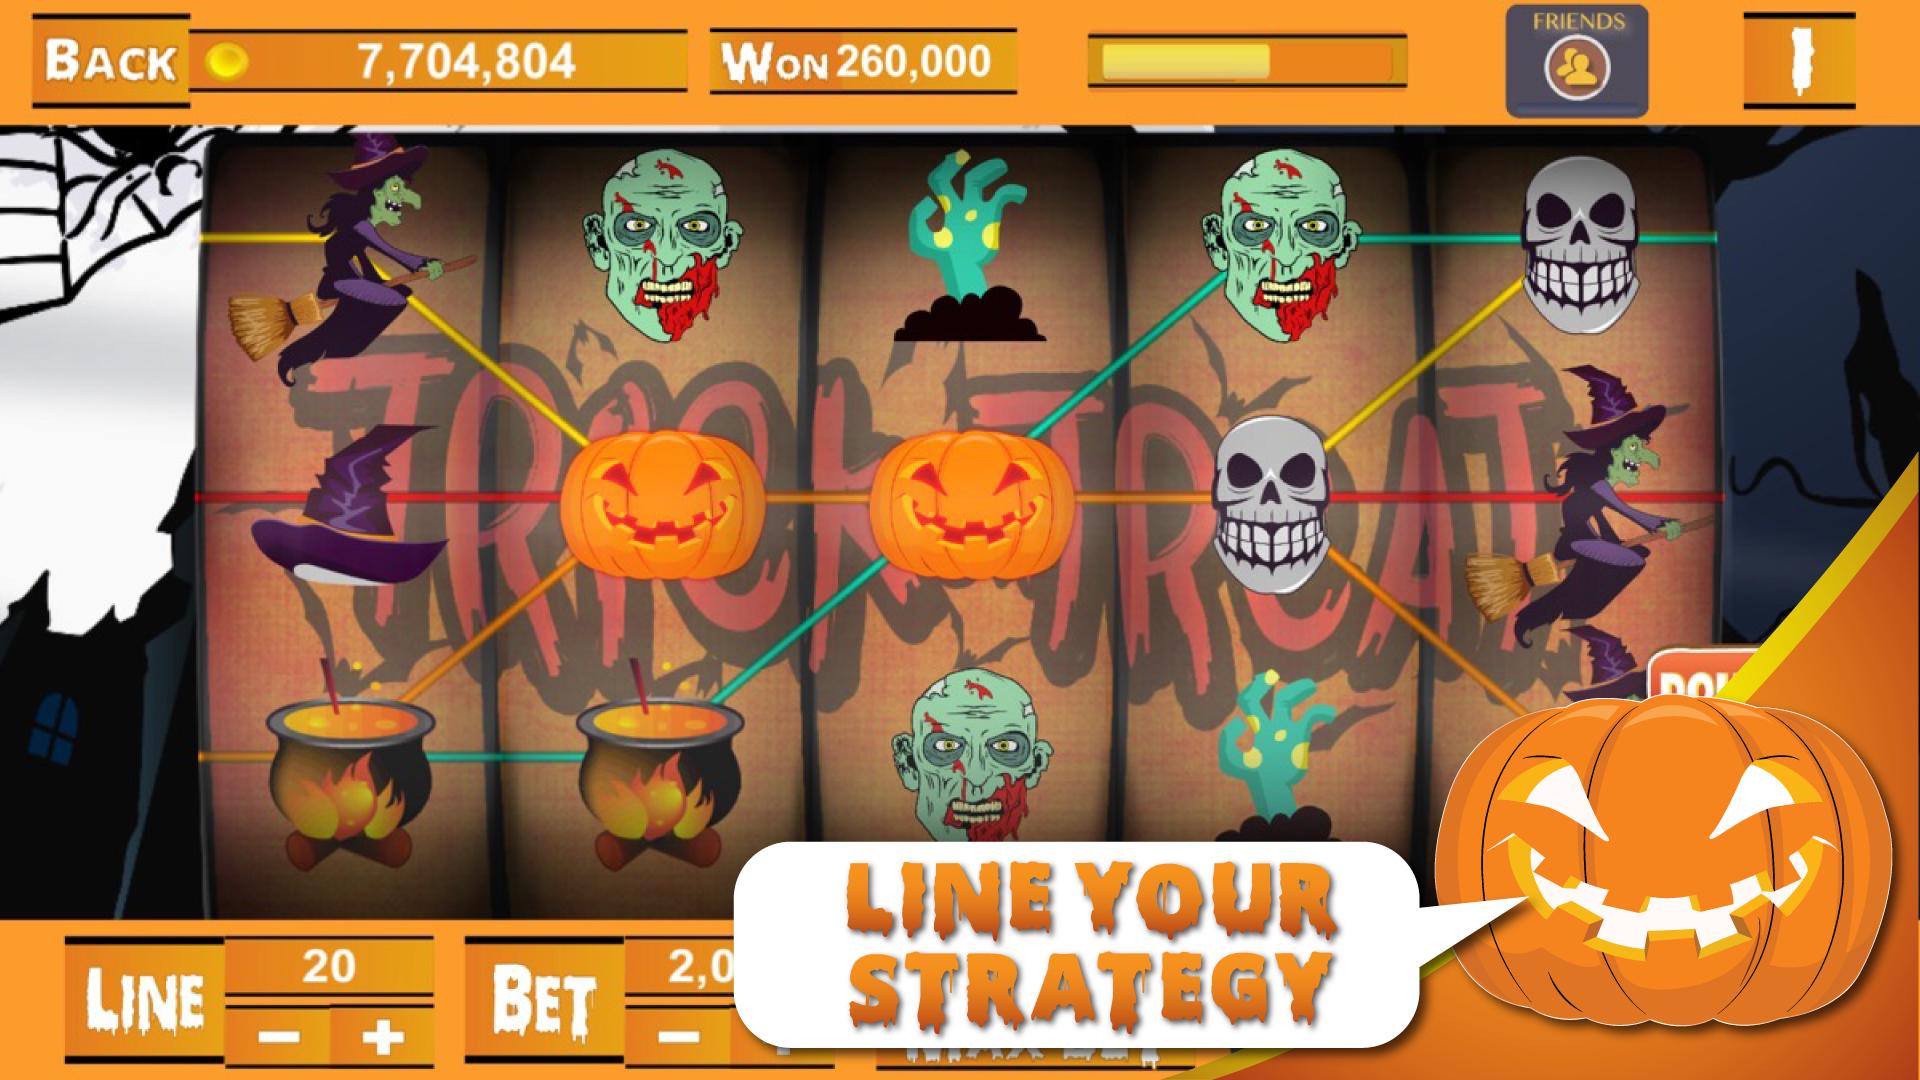 7bit casino no deposit bonus codes 2020